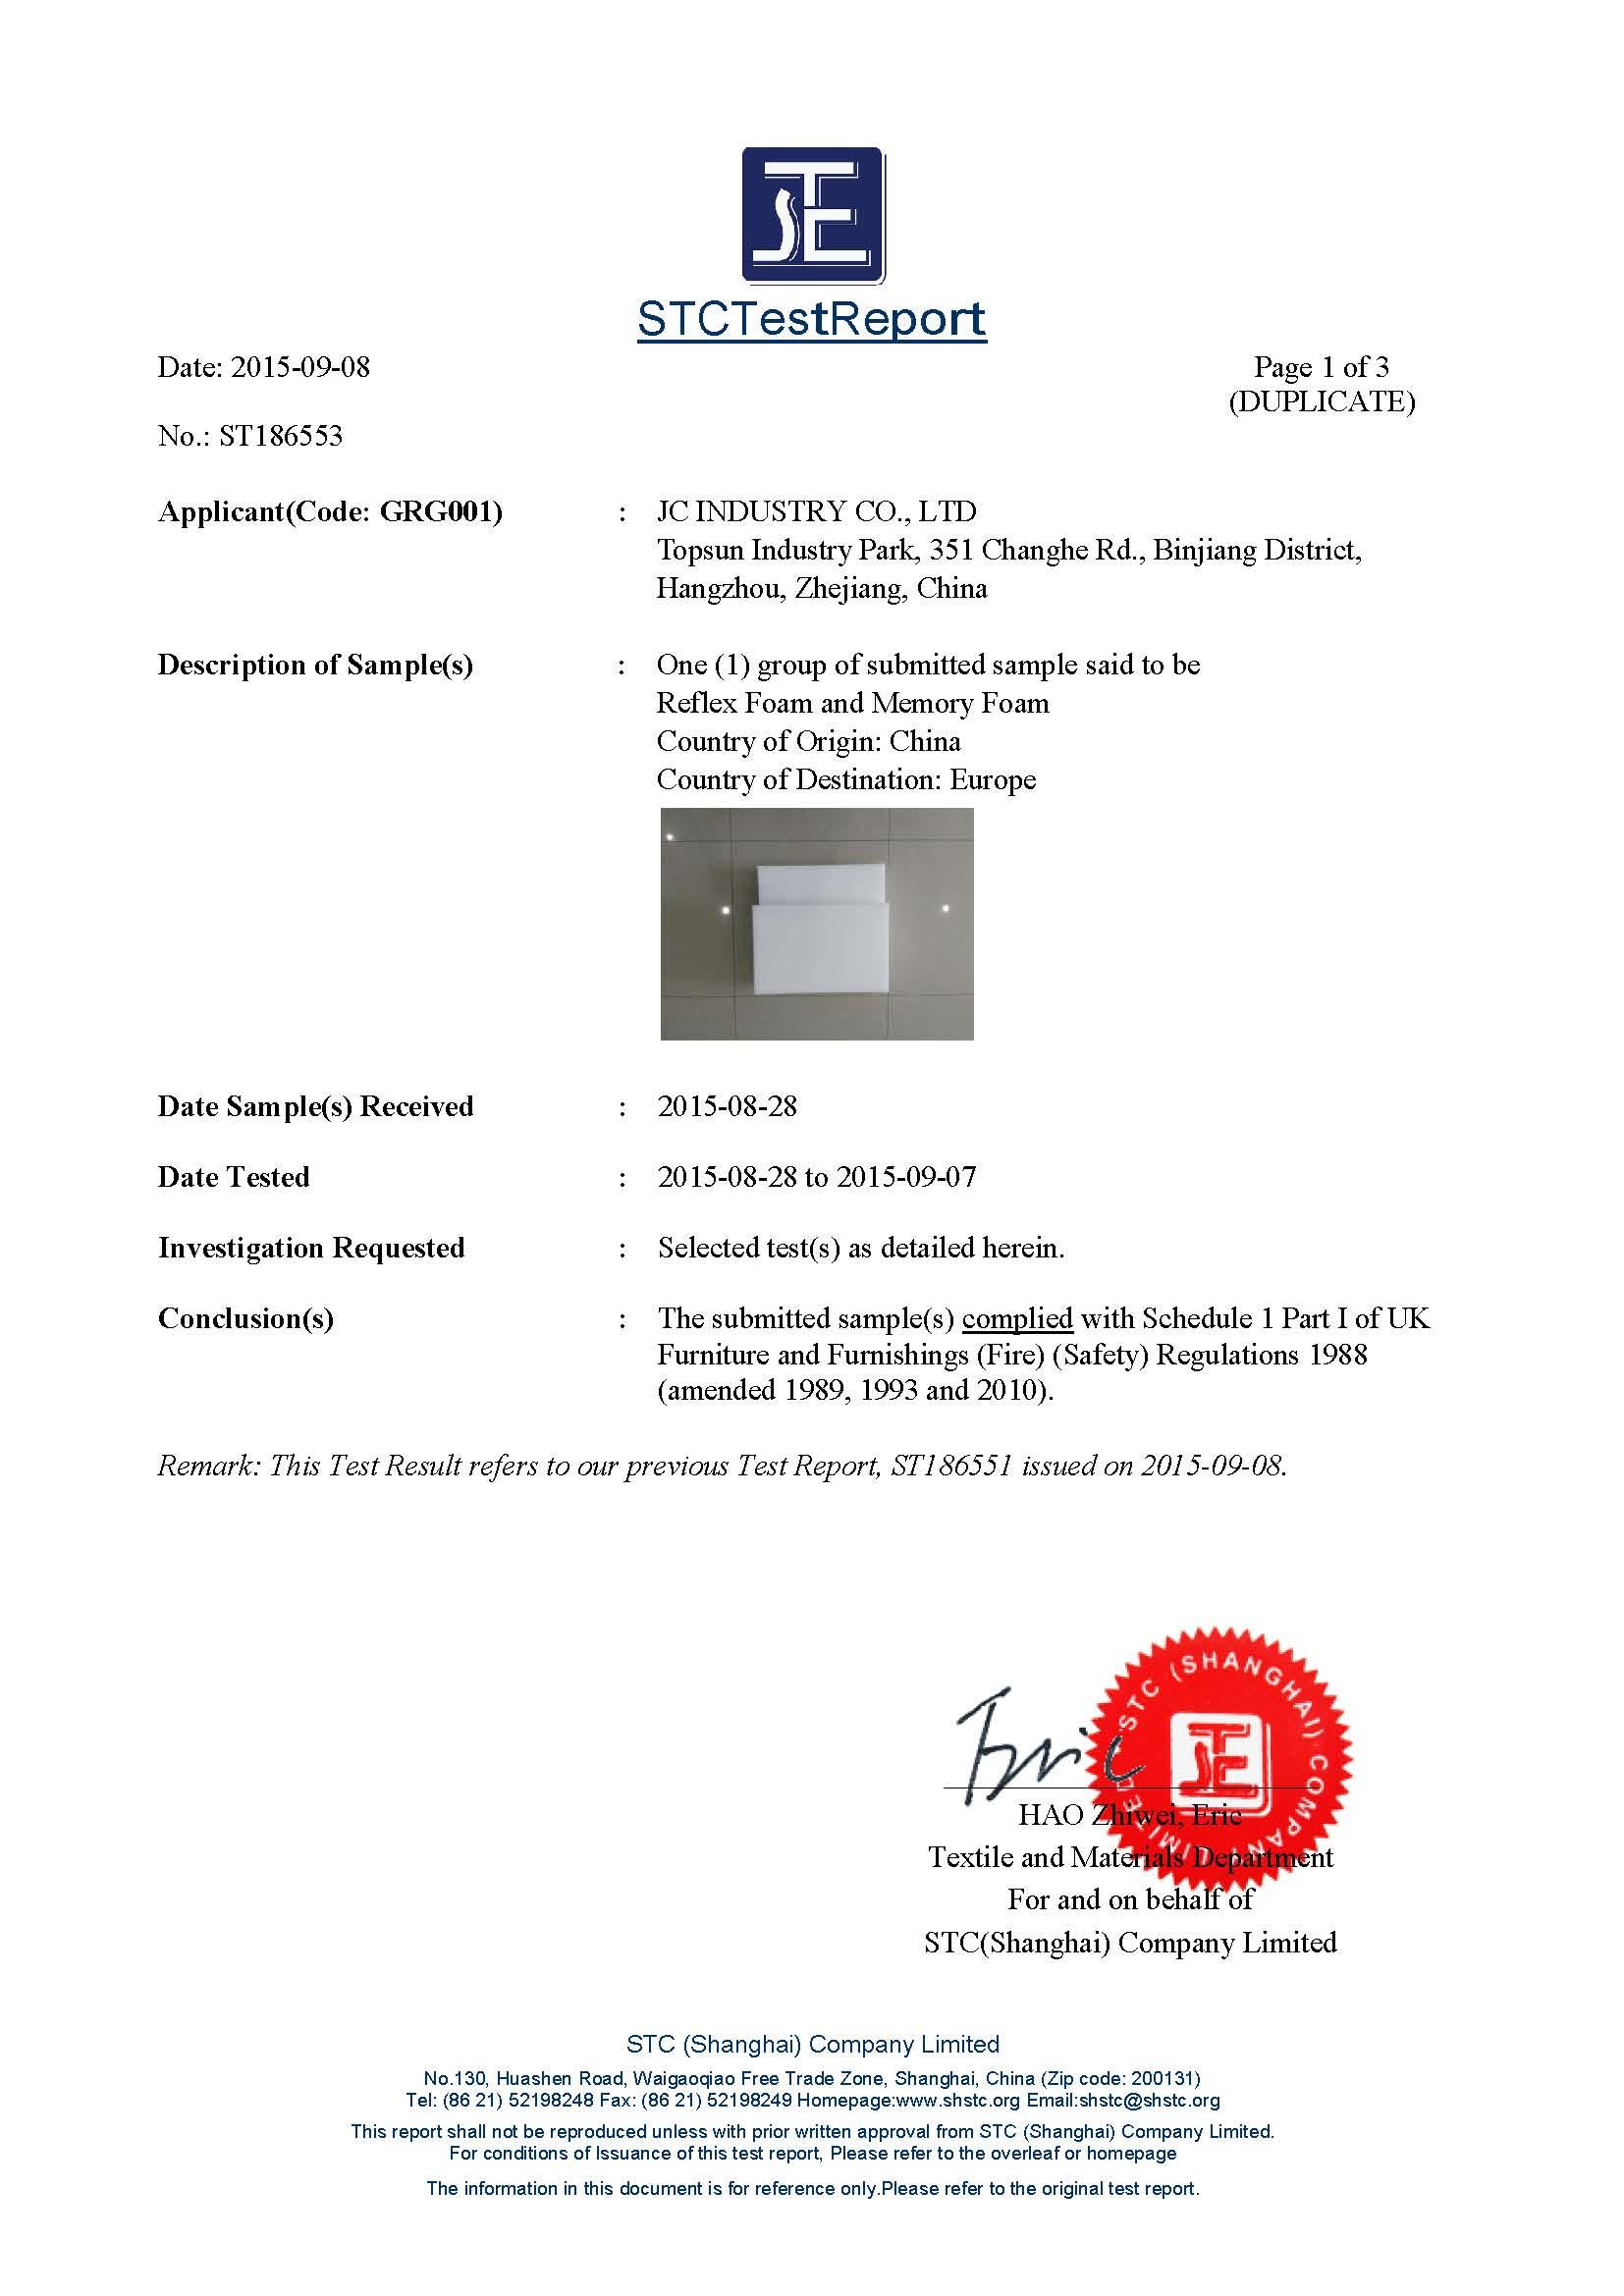 BS5852 Certificate